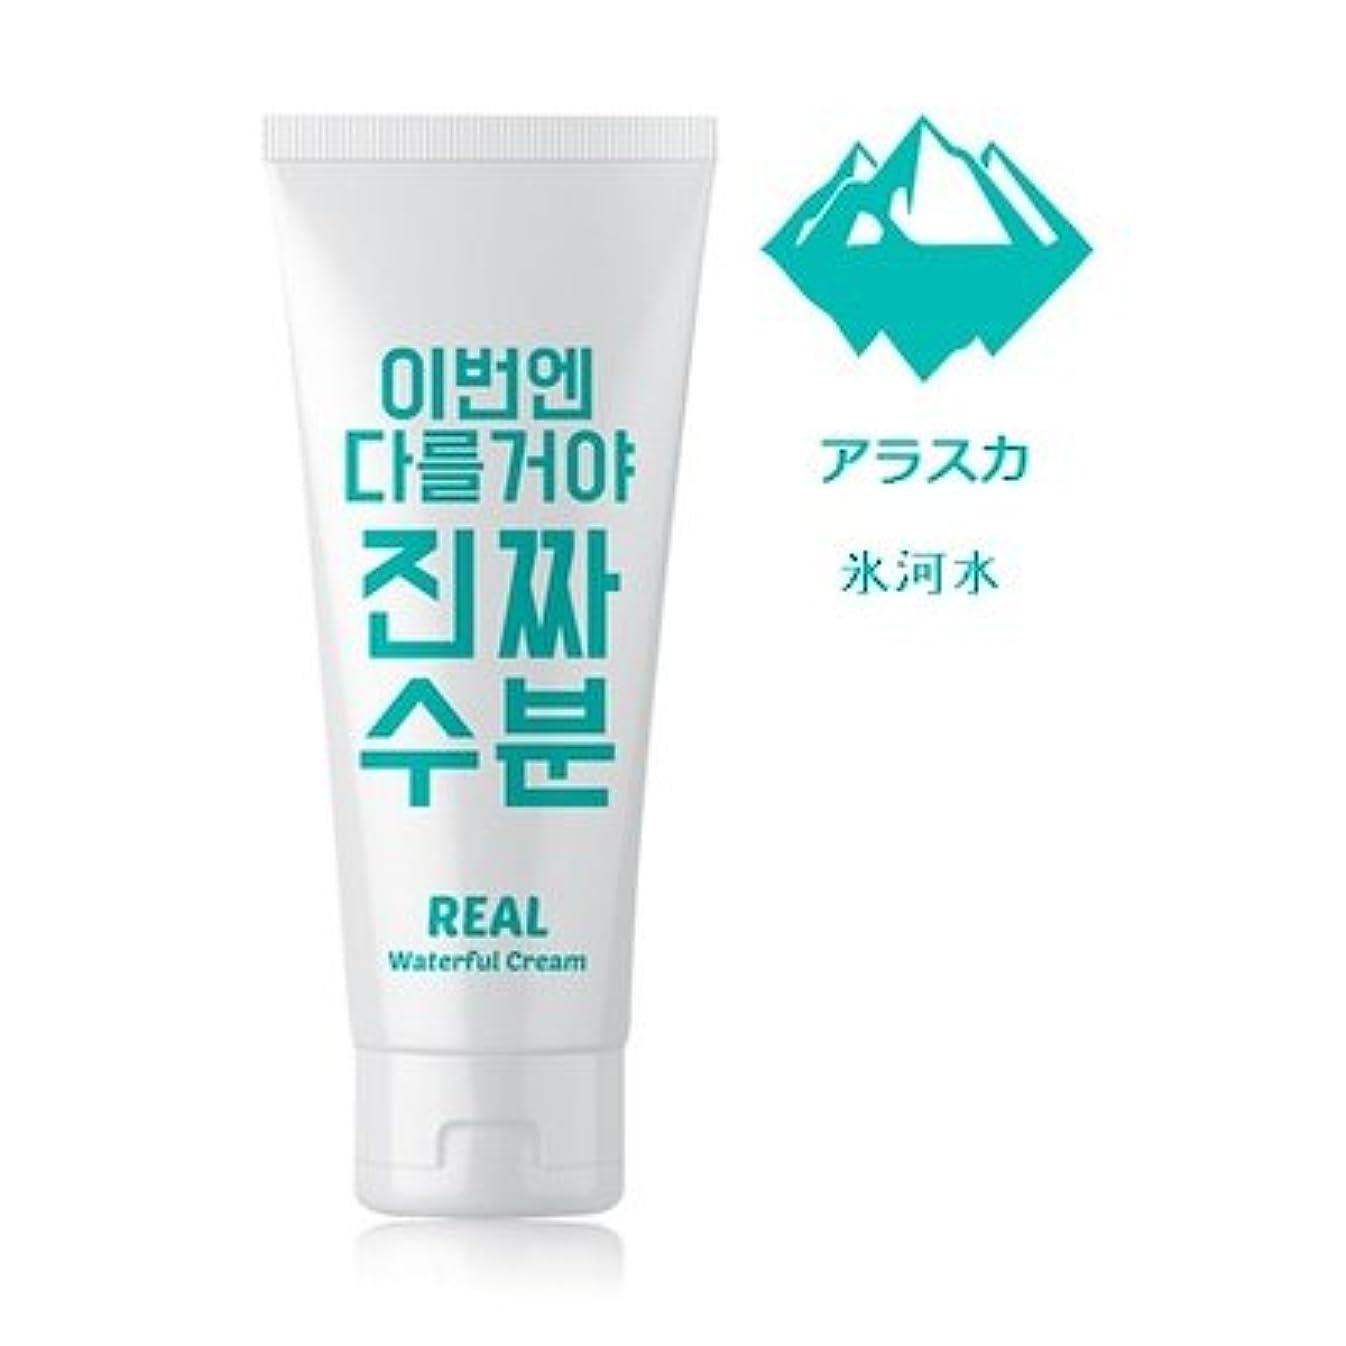 アイザックストレスの多いペインティングJaminkyung Real Waterful Cream/孜民耕 [ジャミンギョン] 今度は違うぞ本当の水分クリーム 200ml [並行輸入品]